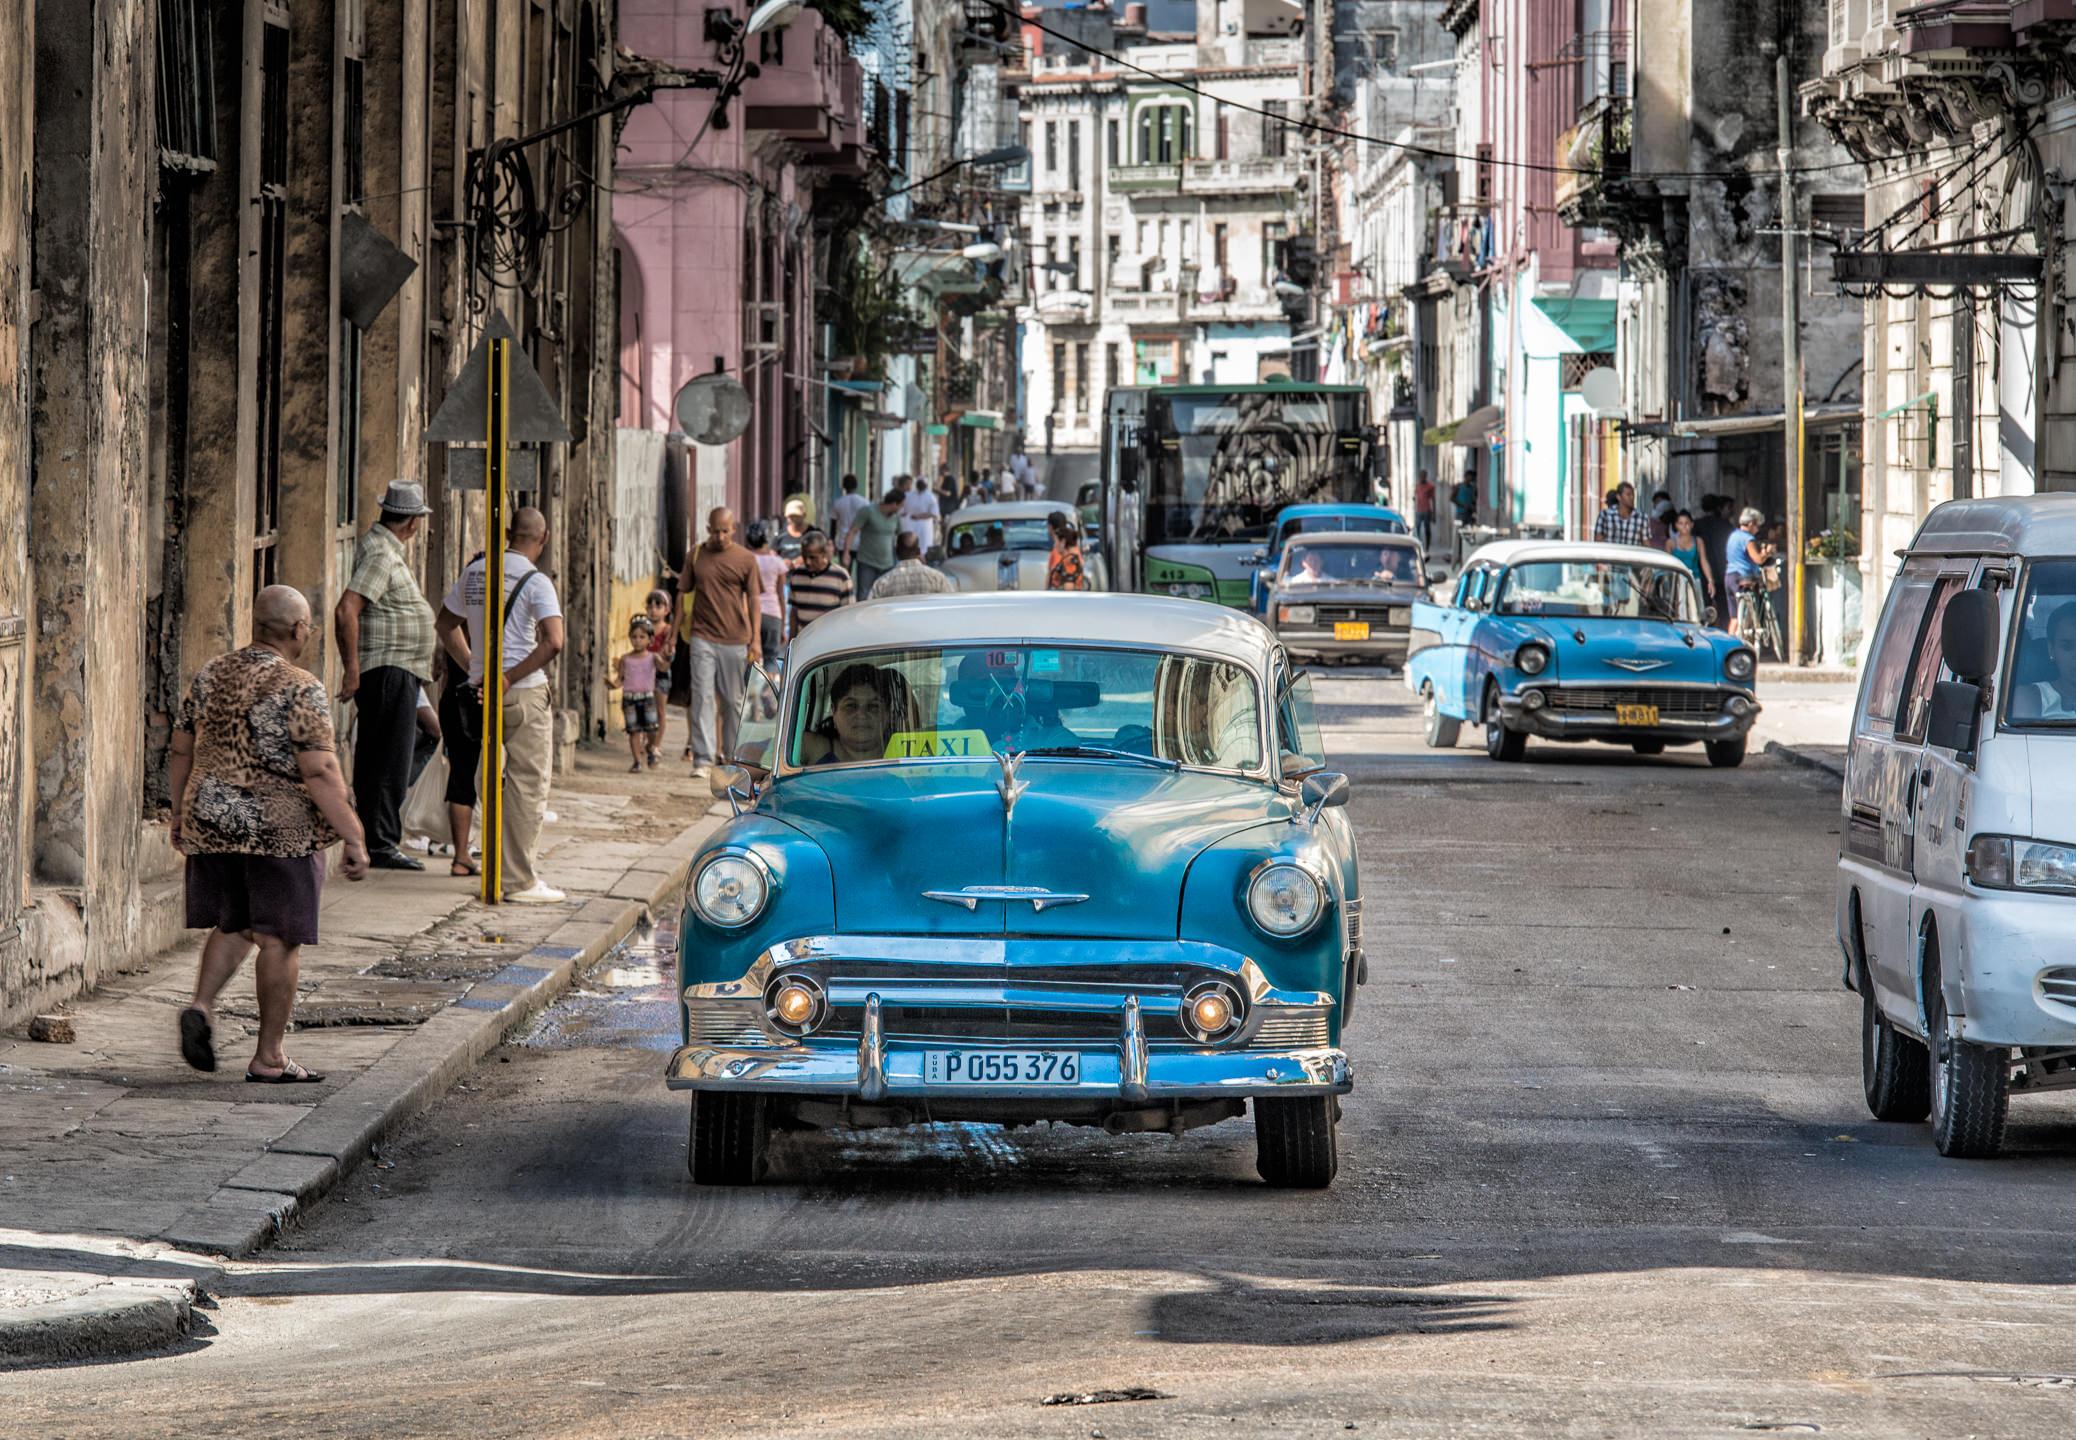 Havana Streets, Taxi anyone?